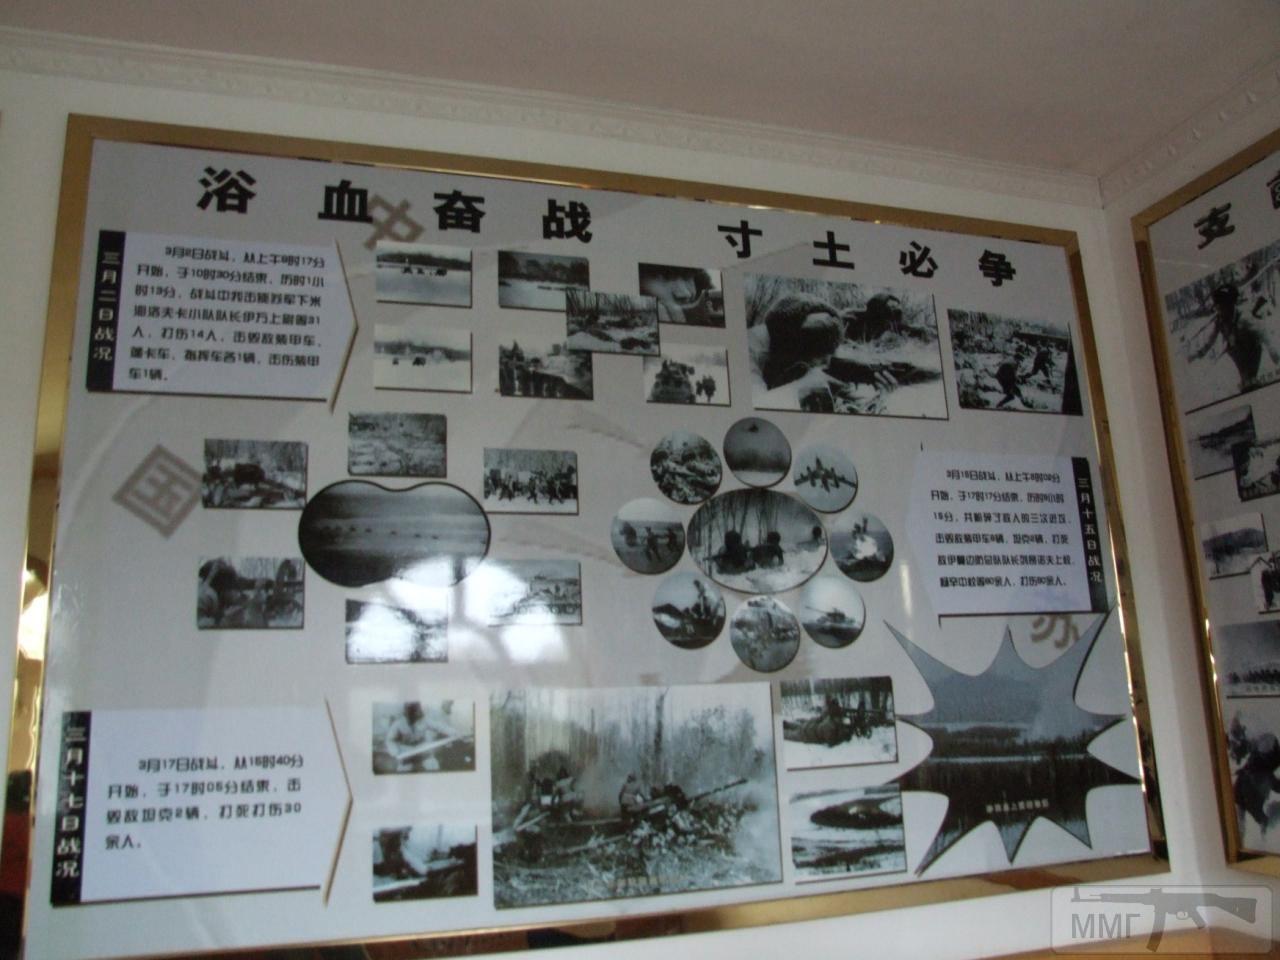 14092 - Военный конфликт СССР и Китая - Остров Даманский 1969 год